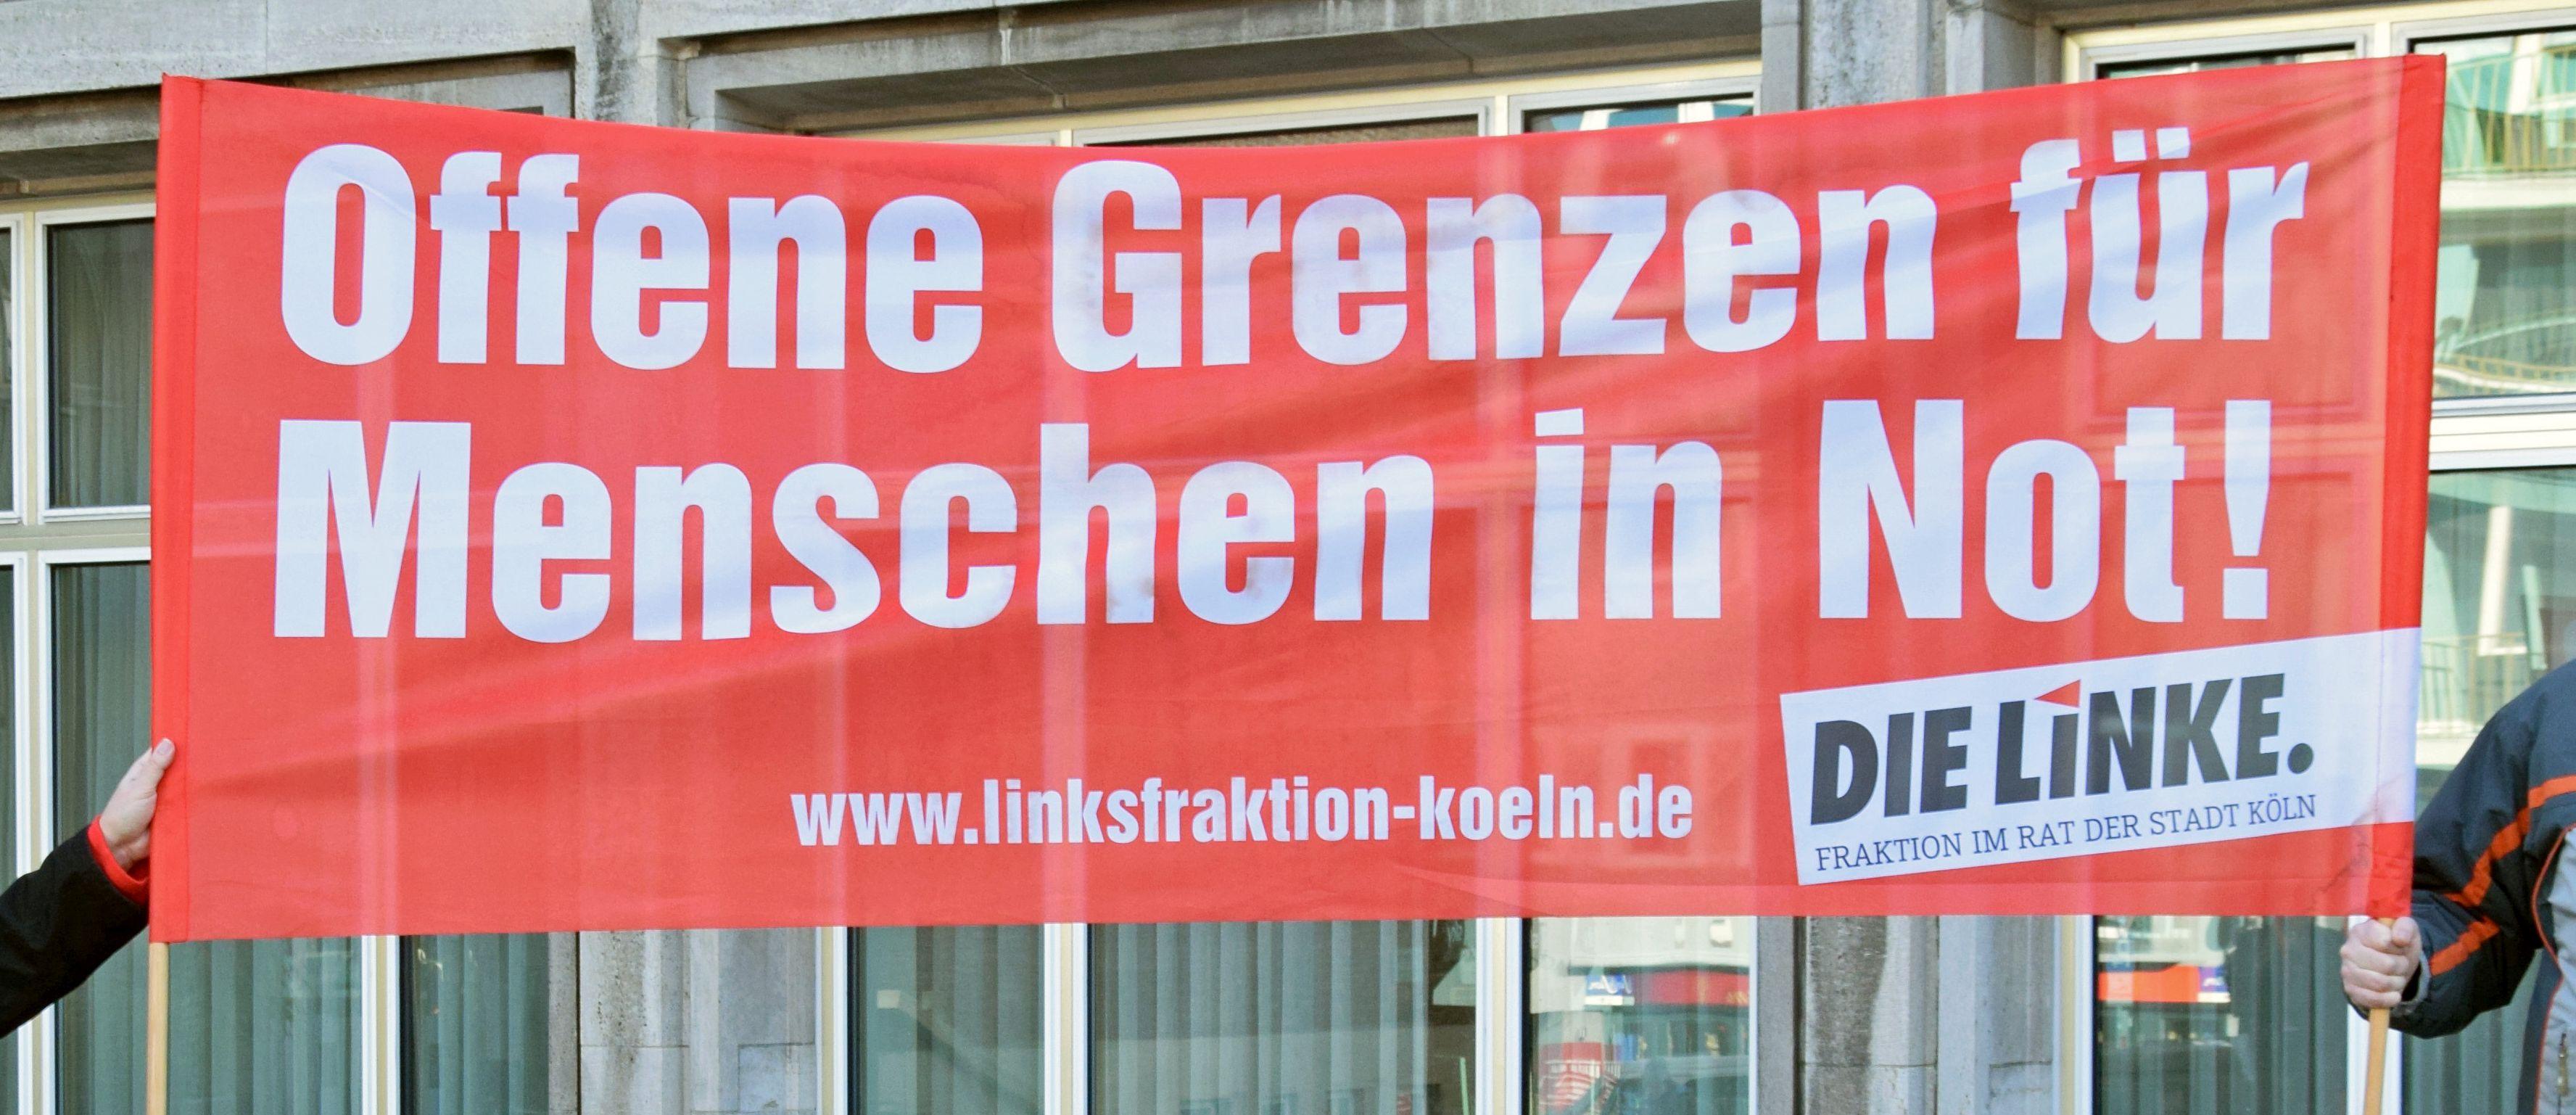 Offene Grenzen für Menschen in Not! - DIE LINKE Fraktion im Rat der Stadt Köln